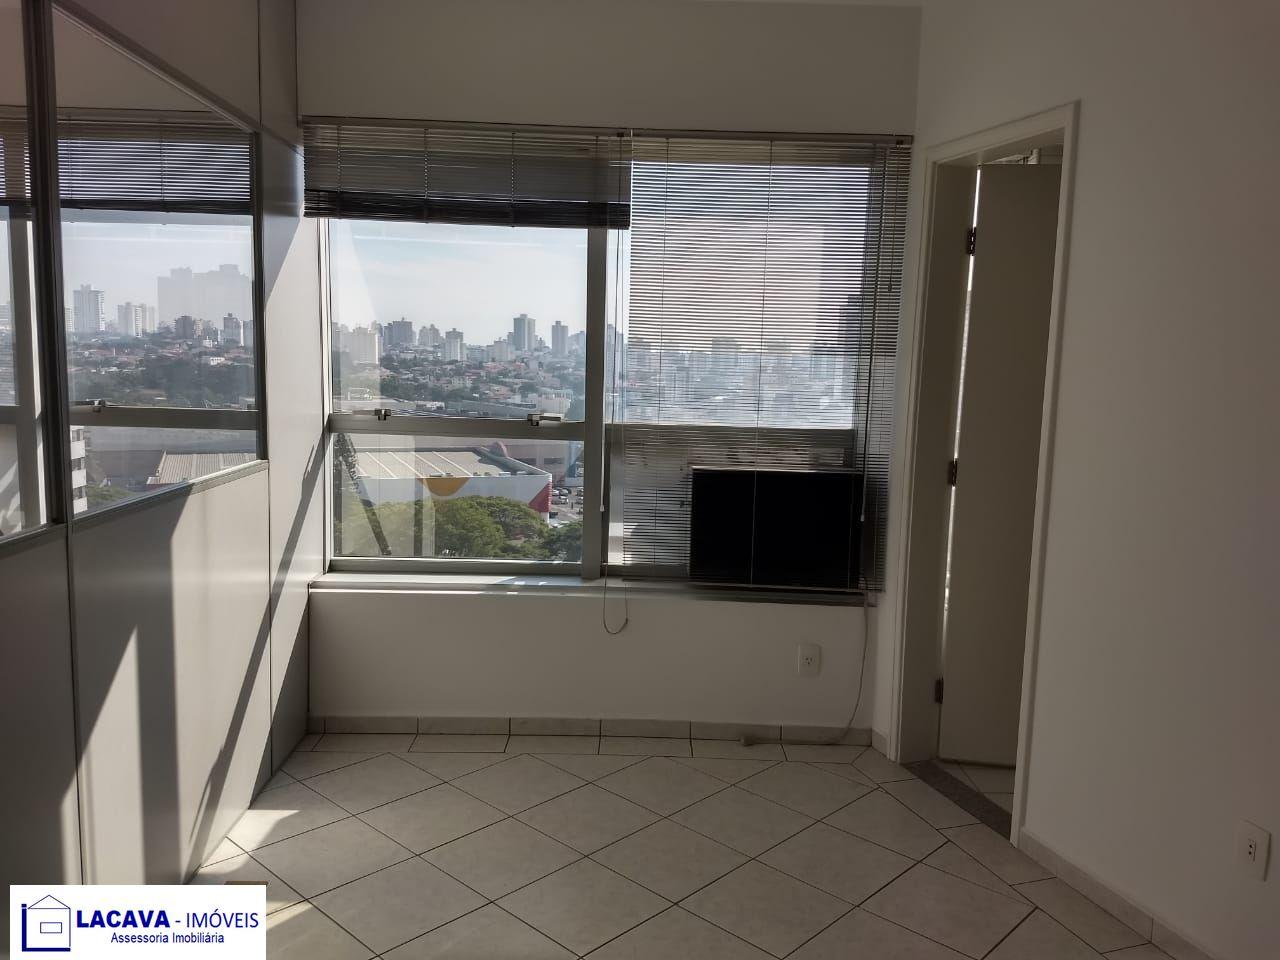 Sala comercial para alugar, 52 m² por R$ 990,00